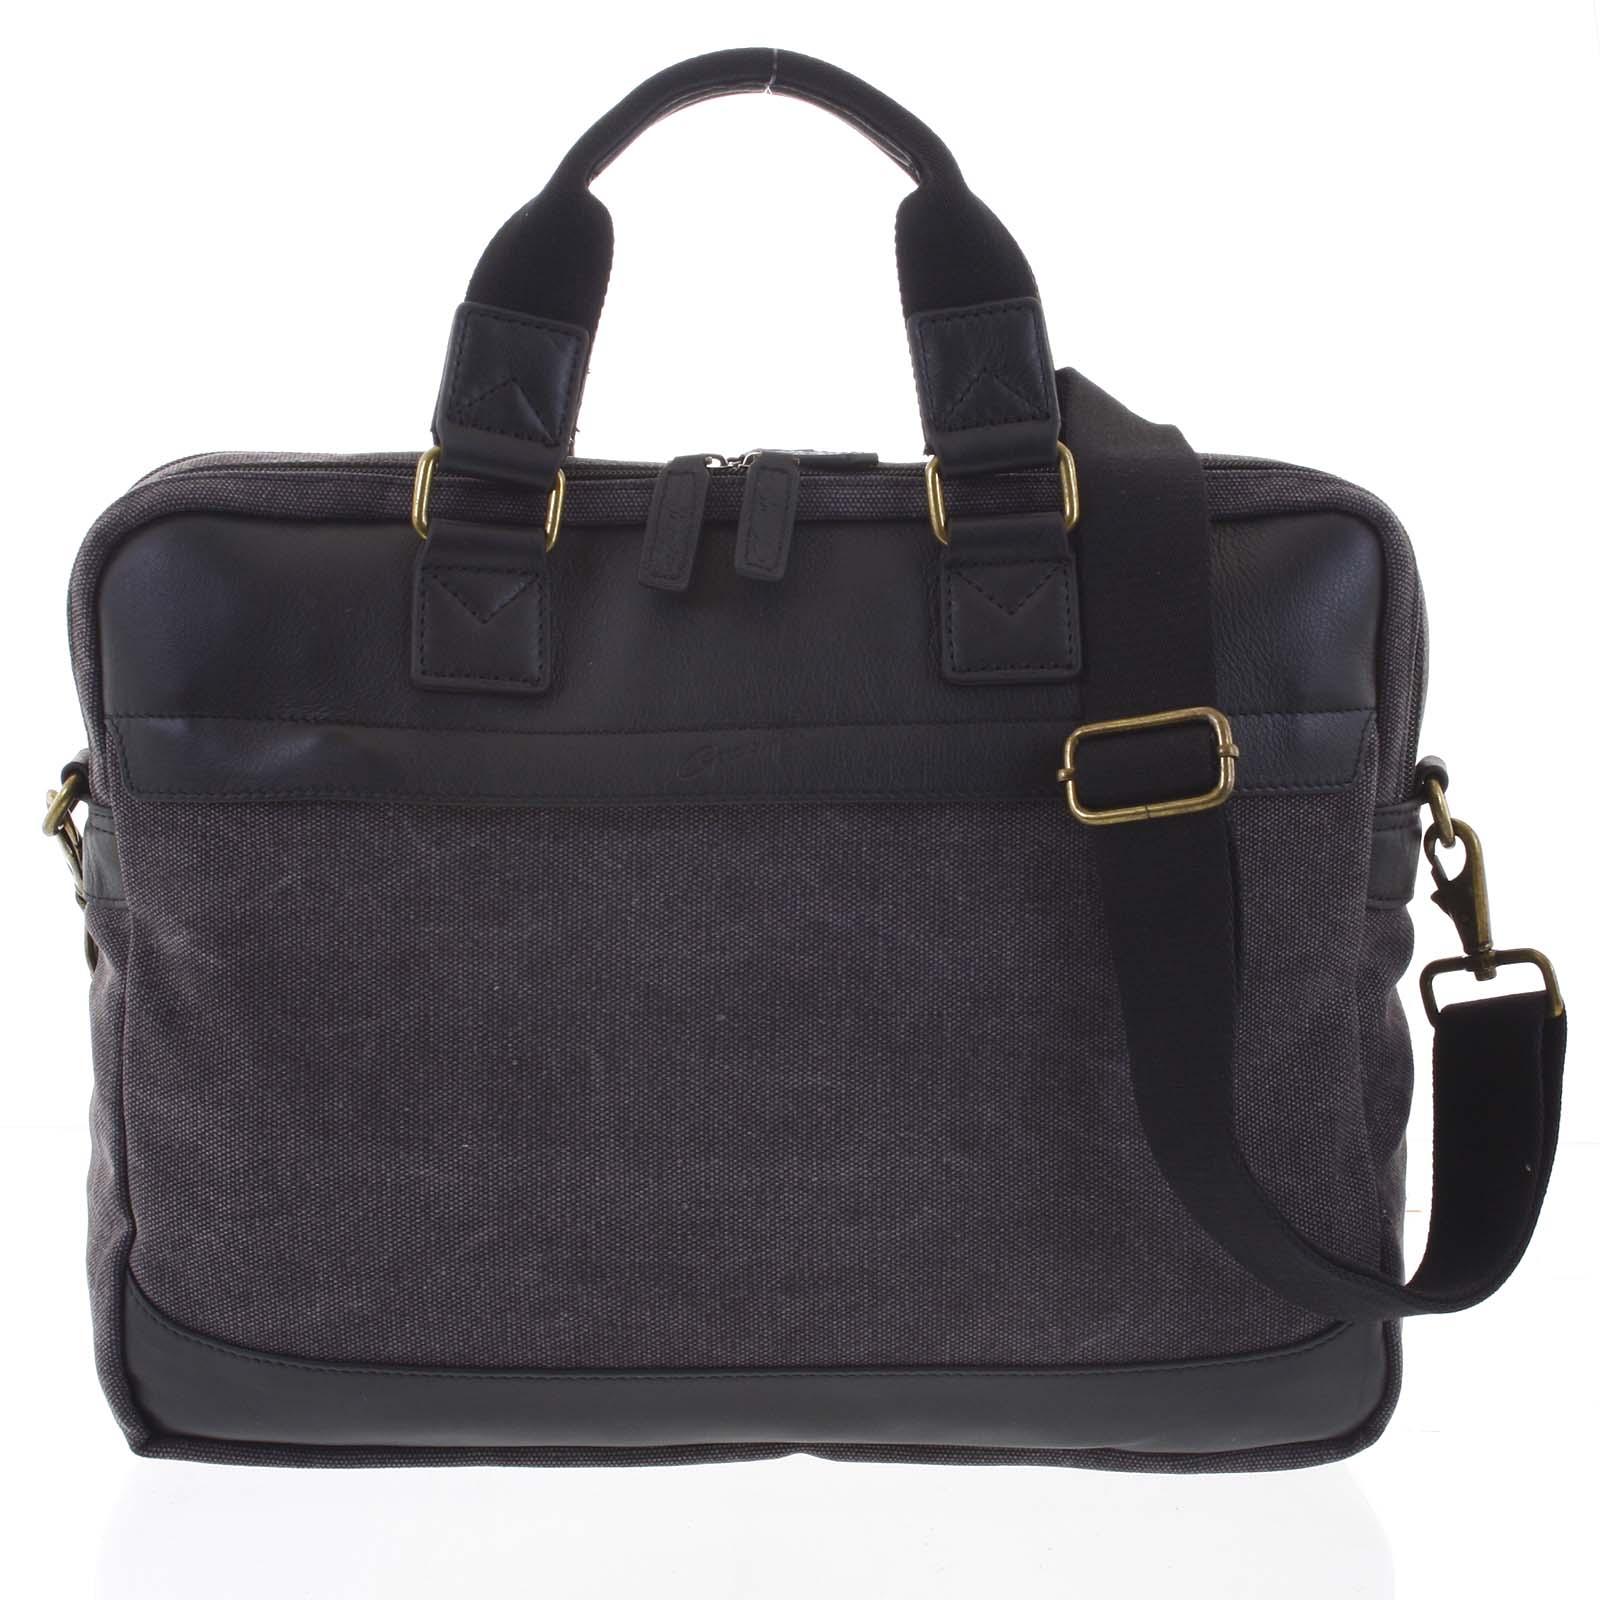 Luxusní střední pánská taška s koženými detaily černá - Gerard Henon Baron